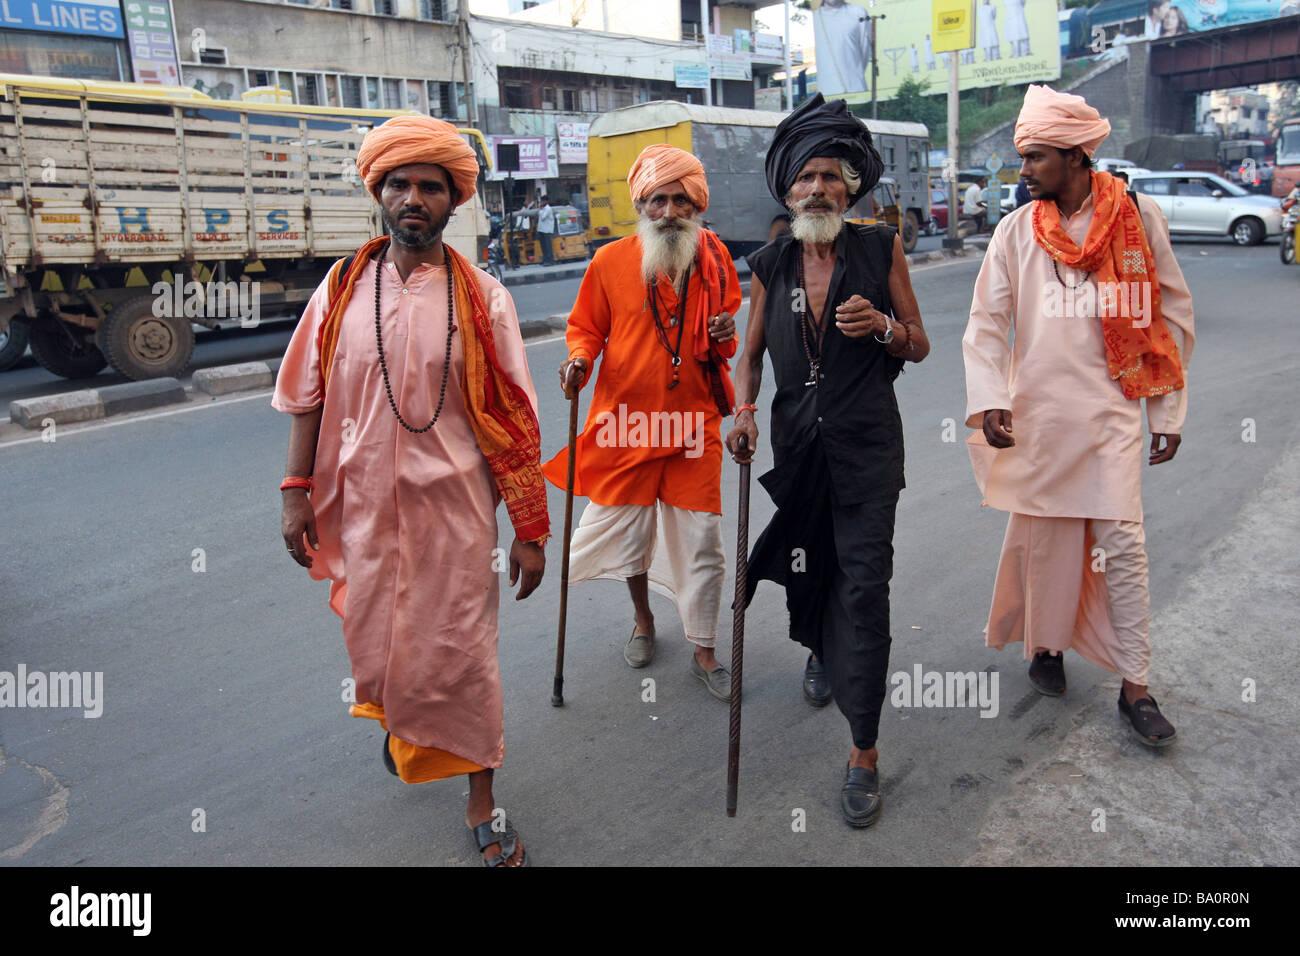 Sadhus o santi uomini camminando per le strade di Hyderabad India presentando un colorato fetta di vita nelle vie Immagini Stock